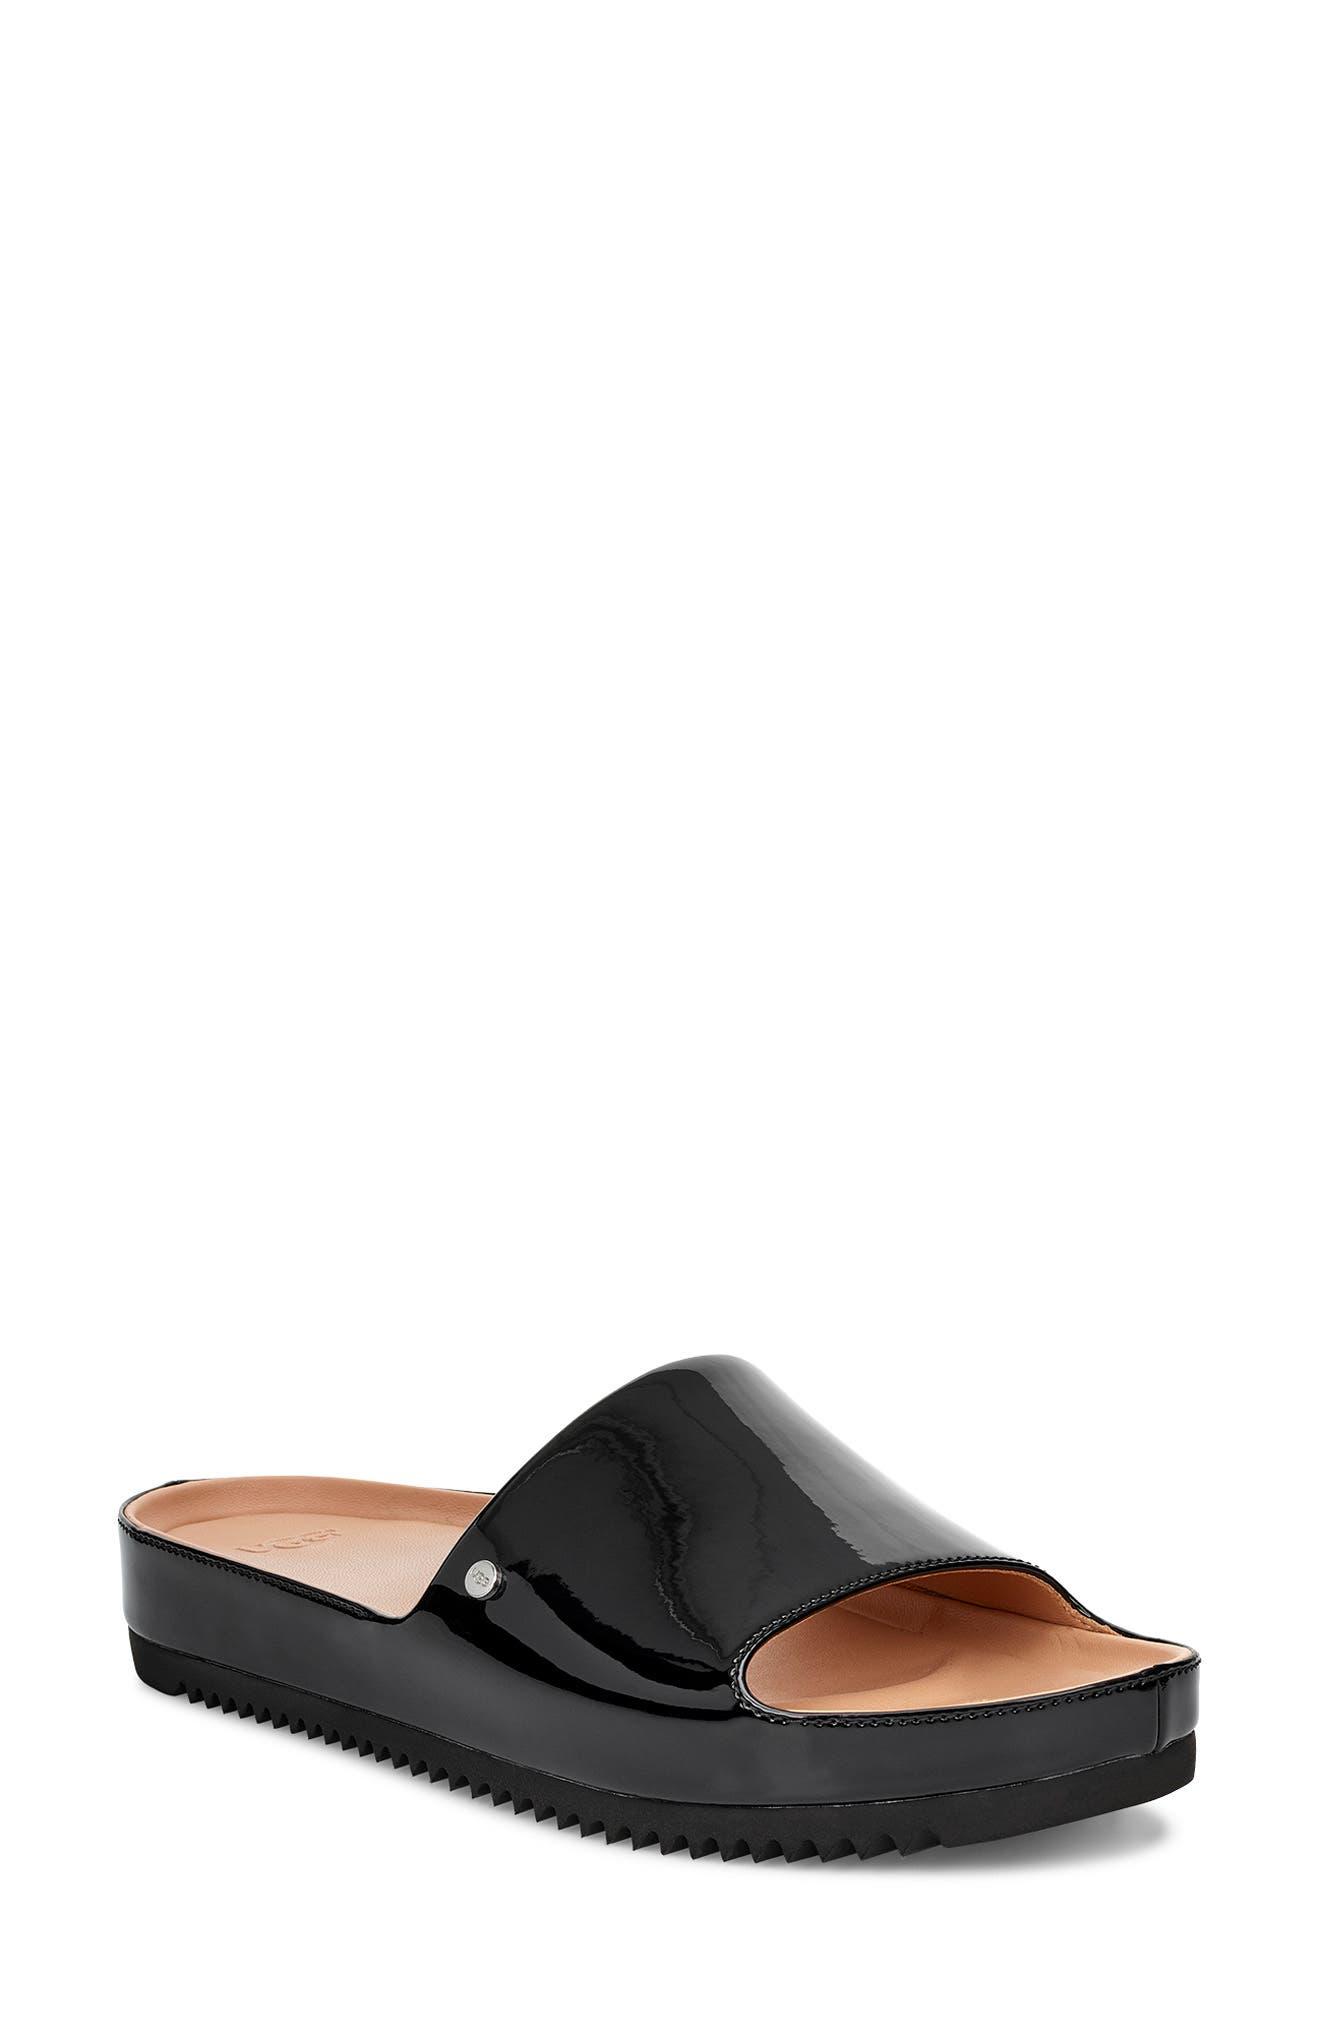 Jane Platform Slide Sandal, Main, color, BLACK PATENT LEATHER